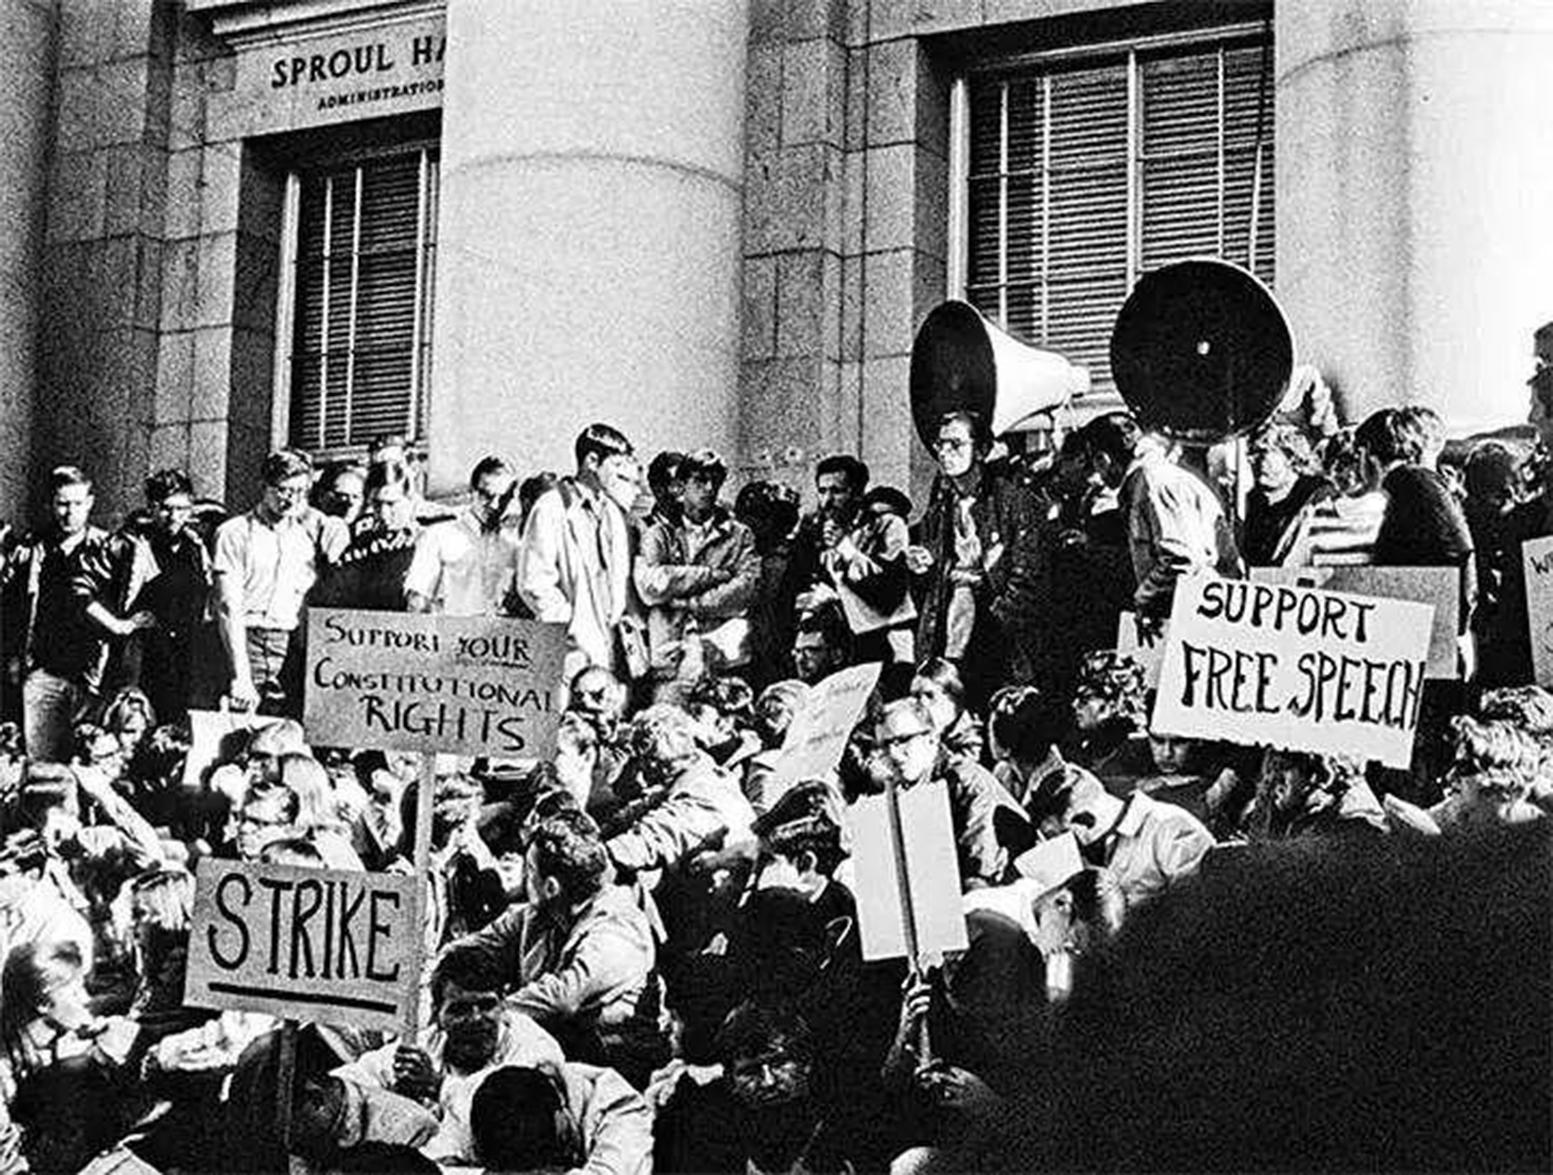 1964年學生運動開始的一個標誌性事件就是加州大學柏克萊校區的「爭取言論自由運動」的學生抗議活動。(網絡圖片)